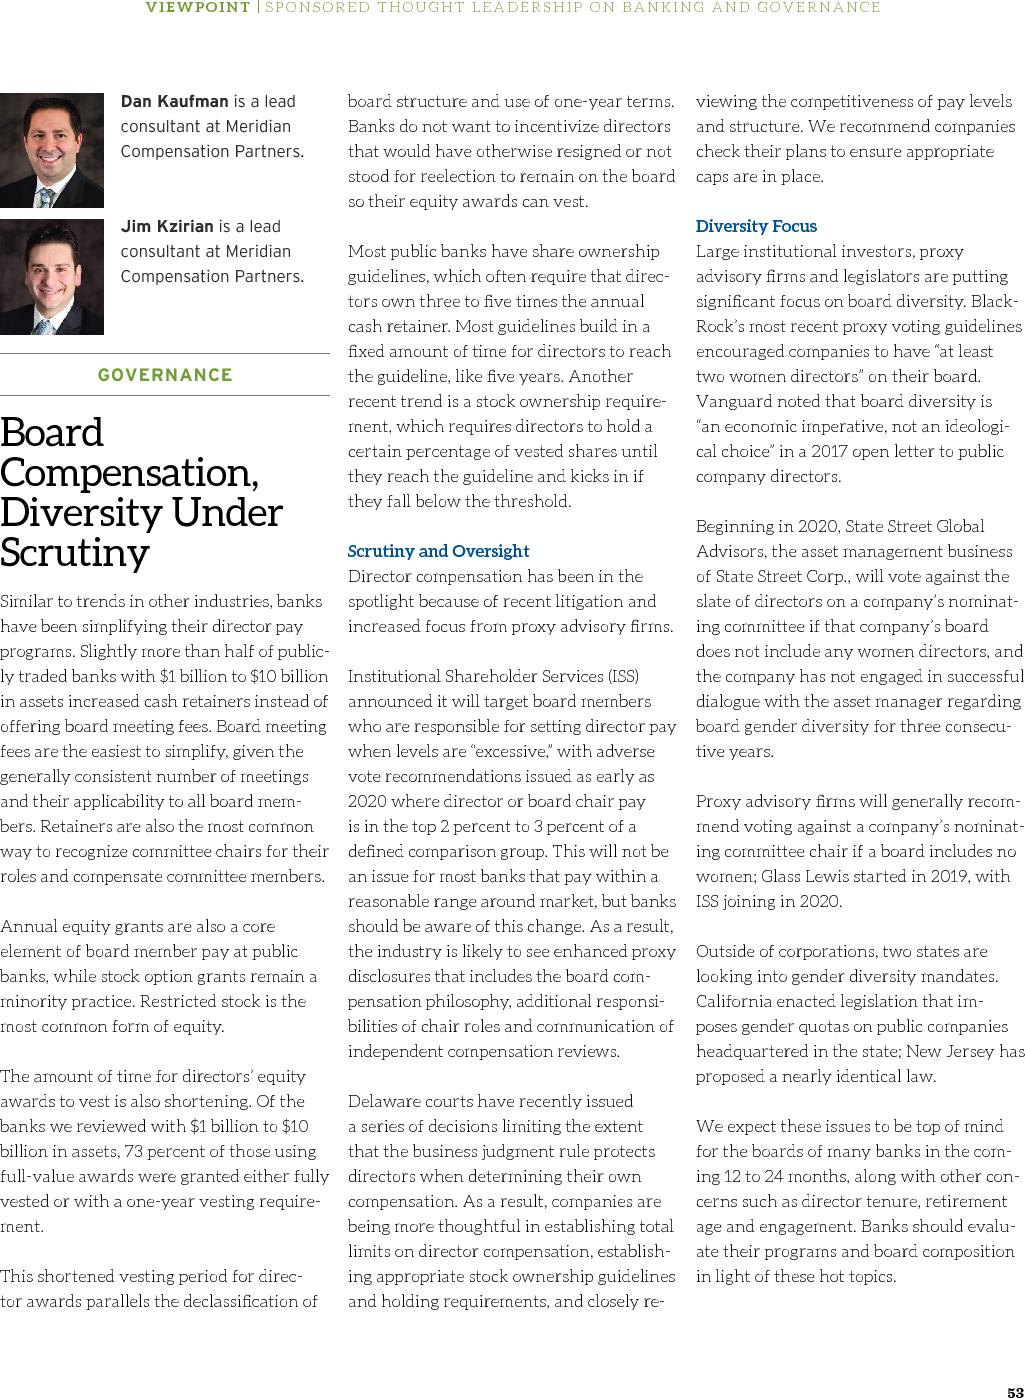 Board Compensation, Diversity Under Scrutiny (PDF)